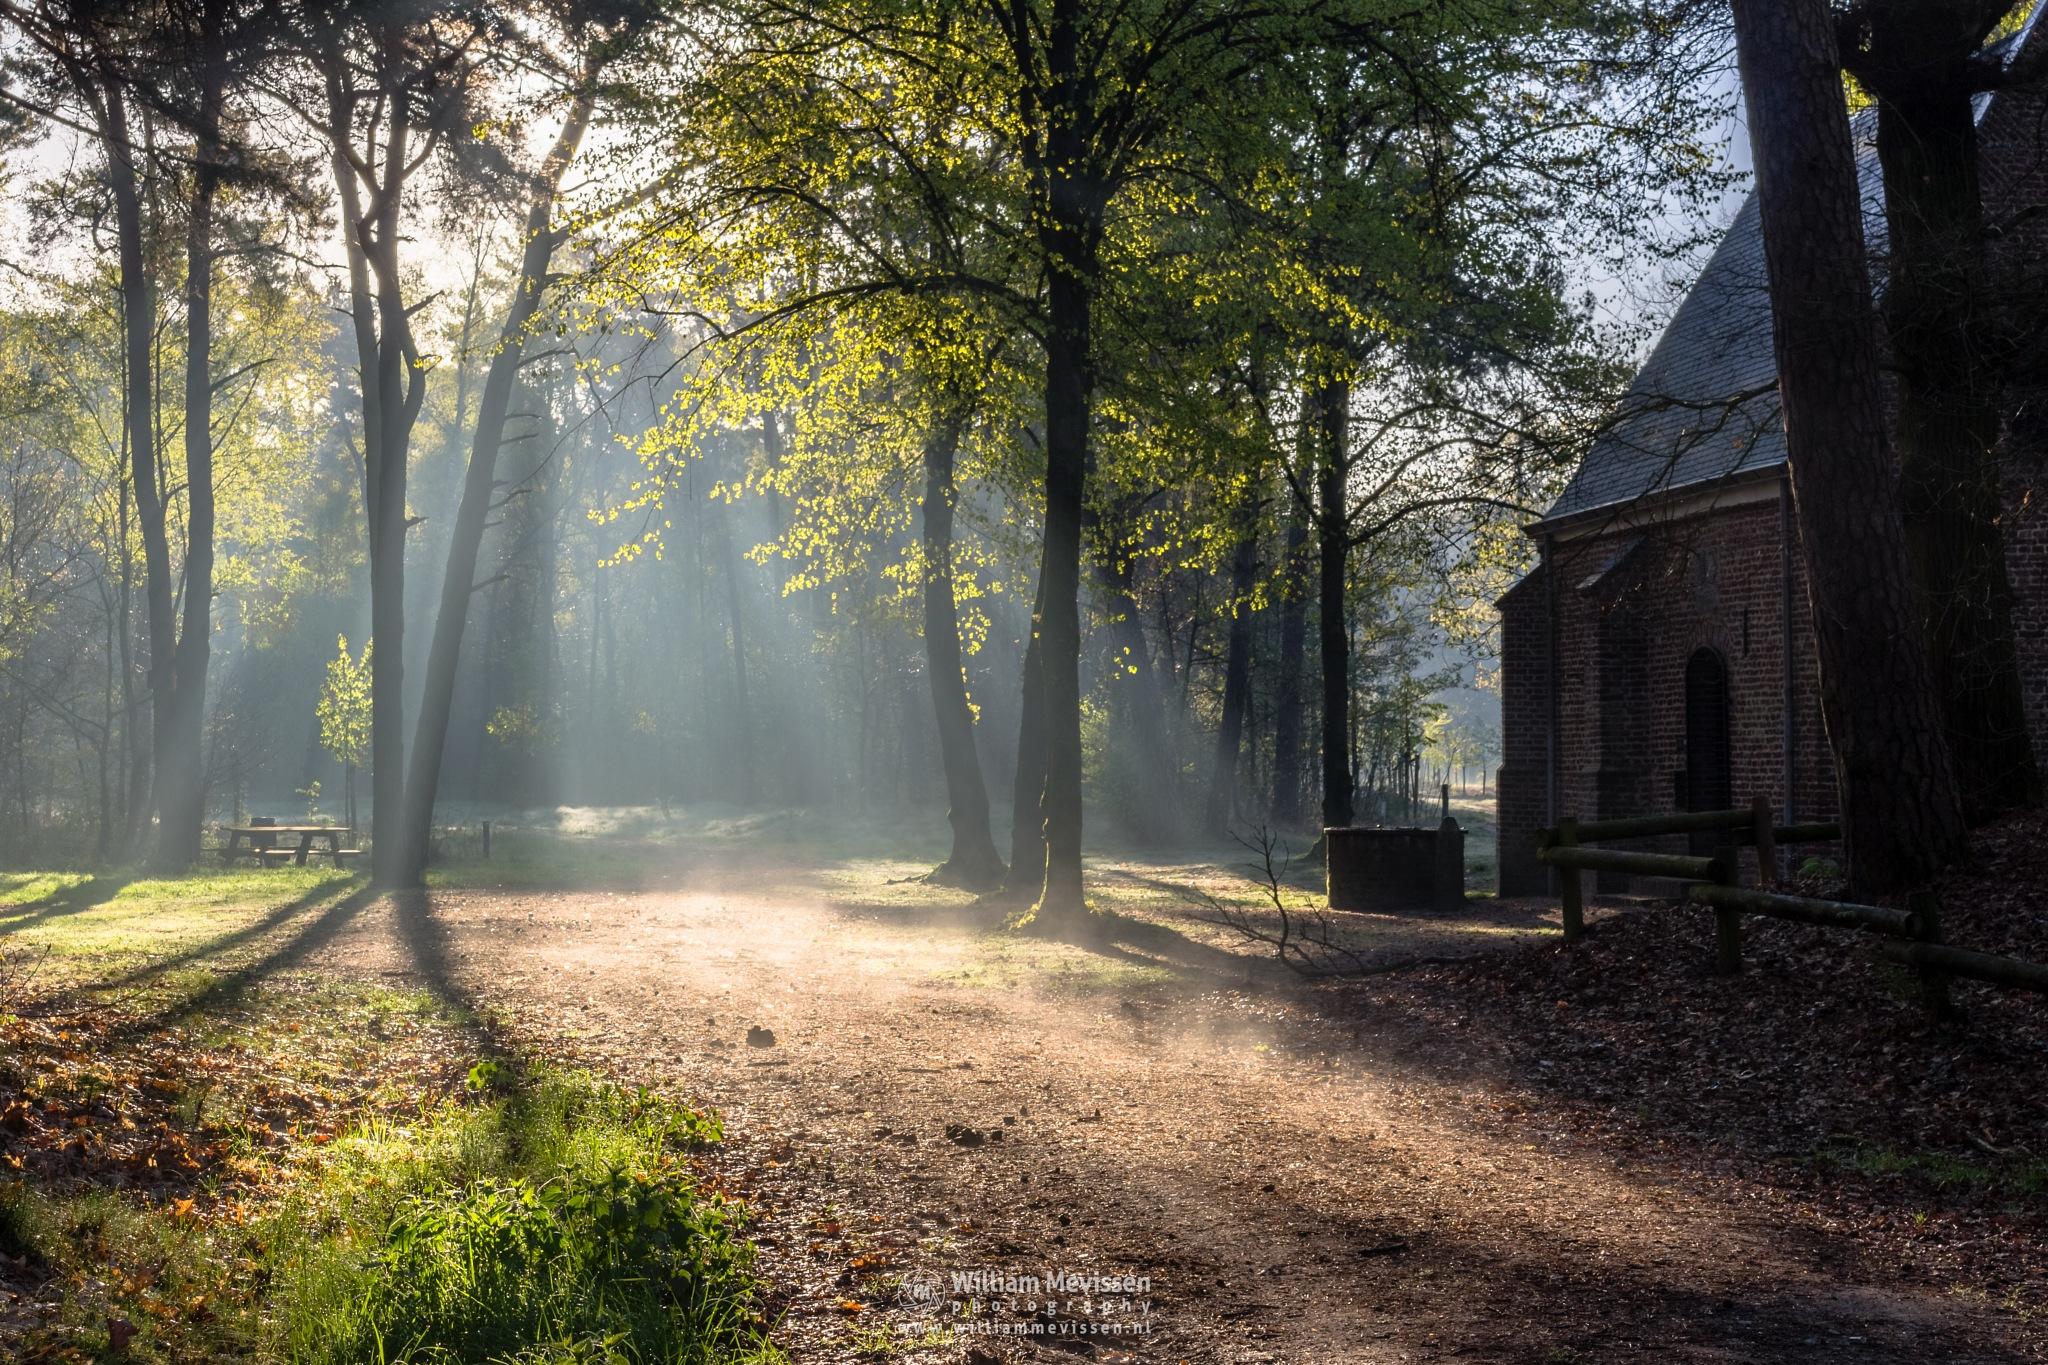 Chapel Light by William Mevissen